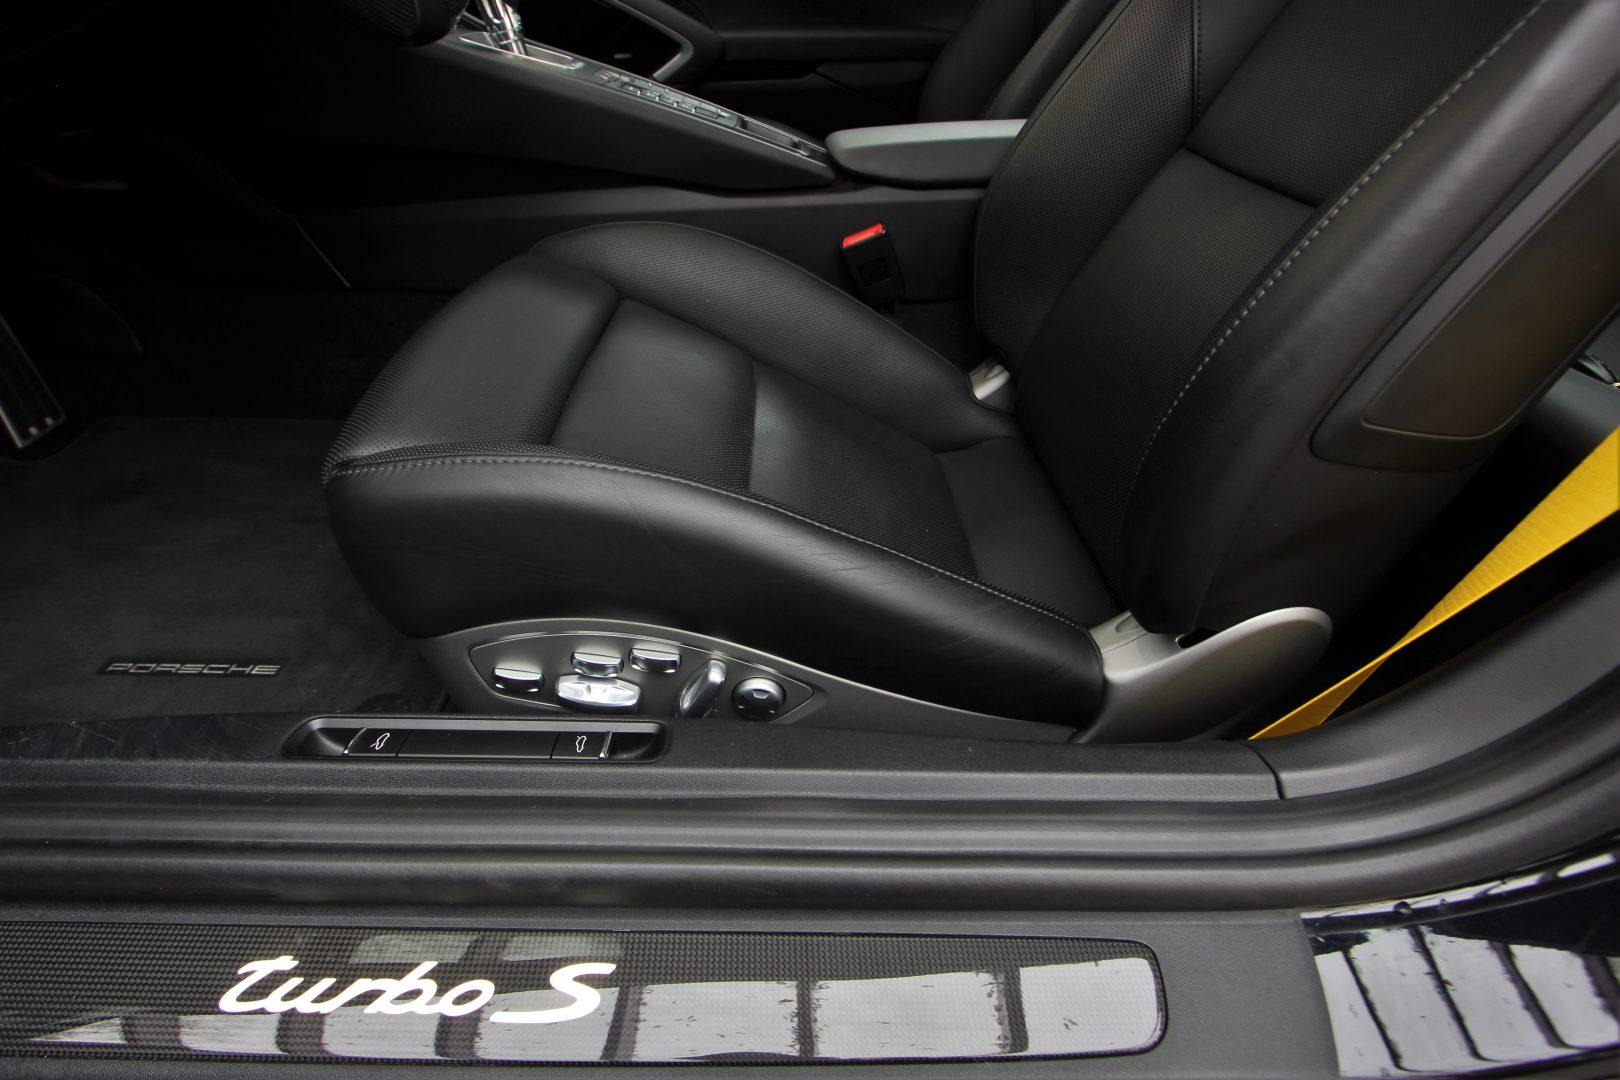 AIL Porsche 911 991 Turbo S Carbon Paket PCCB 12